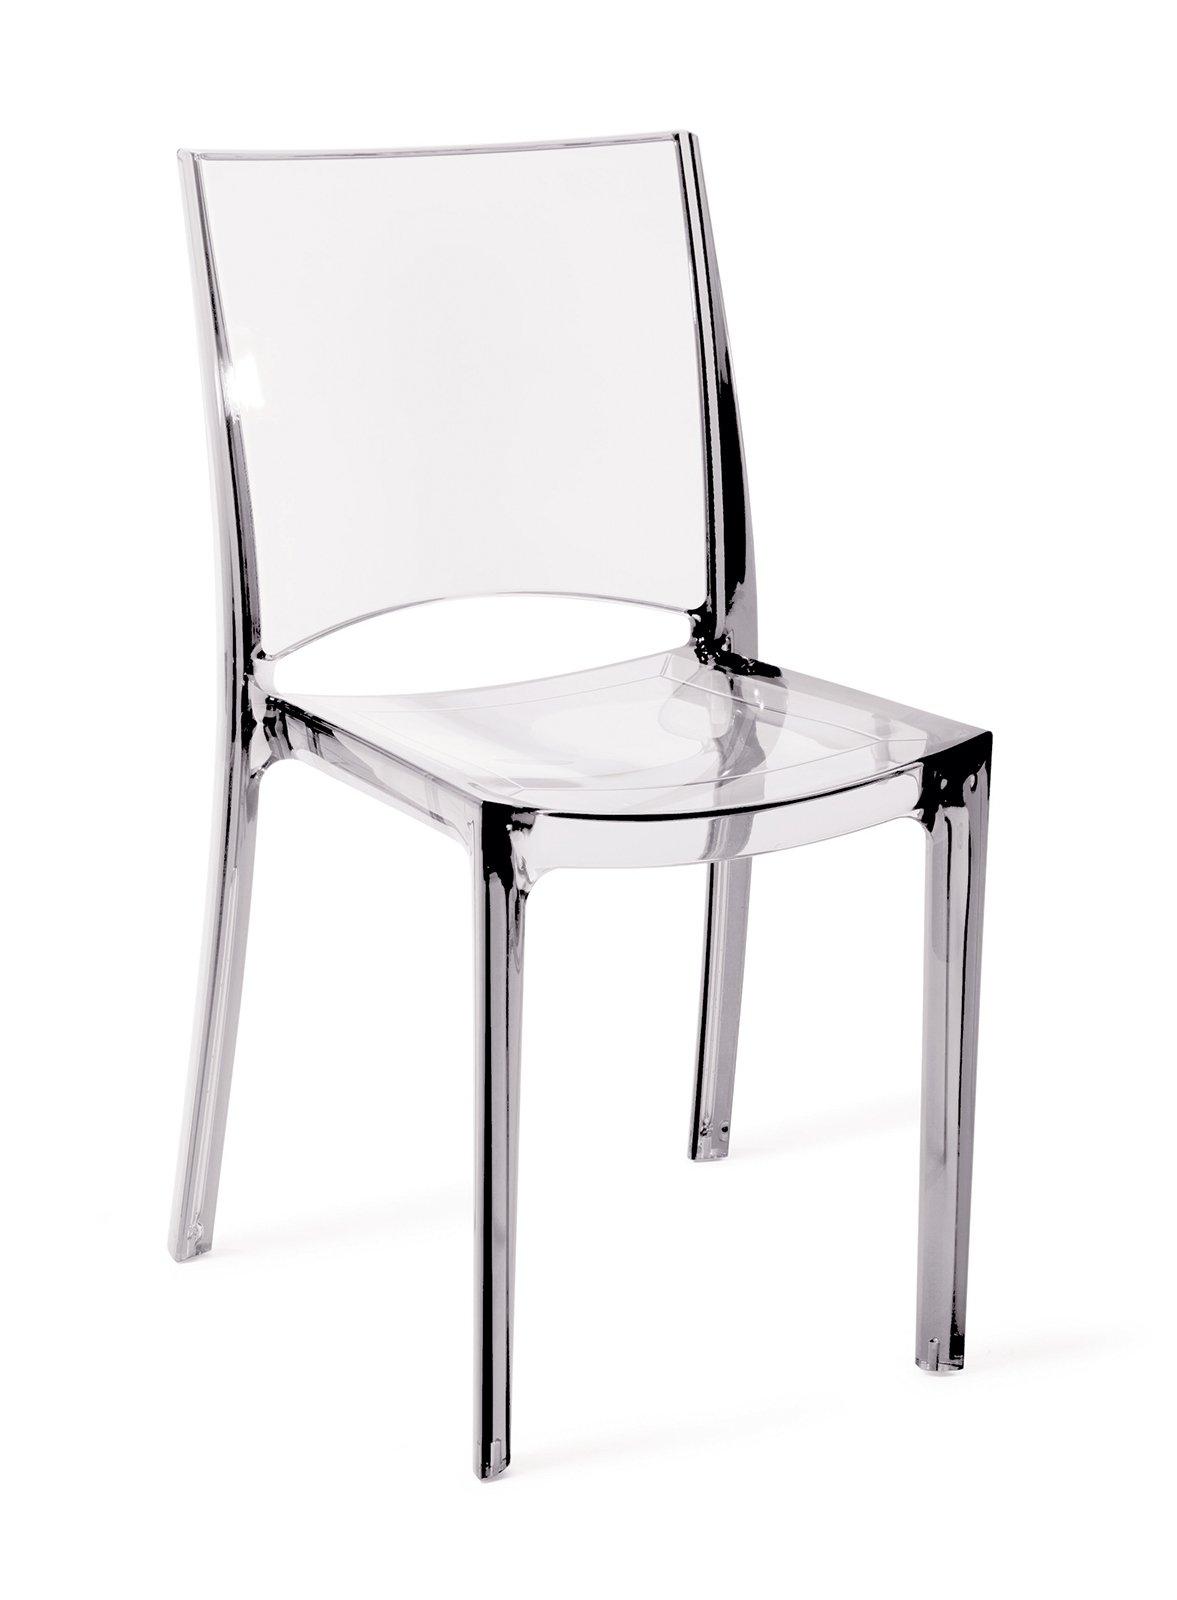 Visualizza altre idee su sedie, sedia ikea, sedia legno design. Sedie Trasparenti E La Stanza Sembra Piu Grande Cose Di Casa